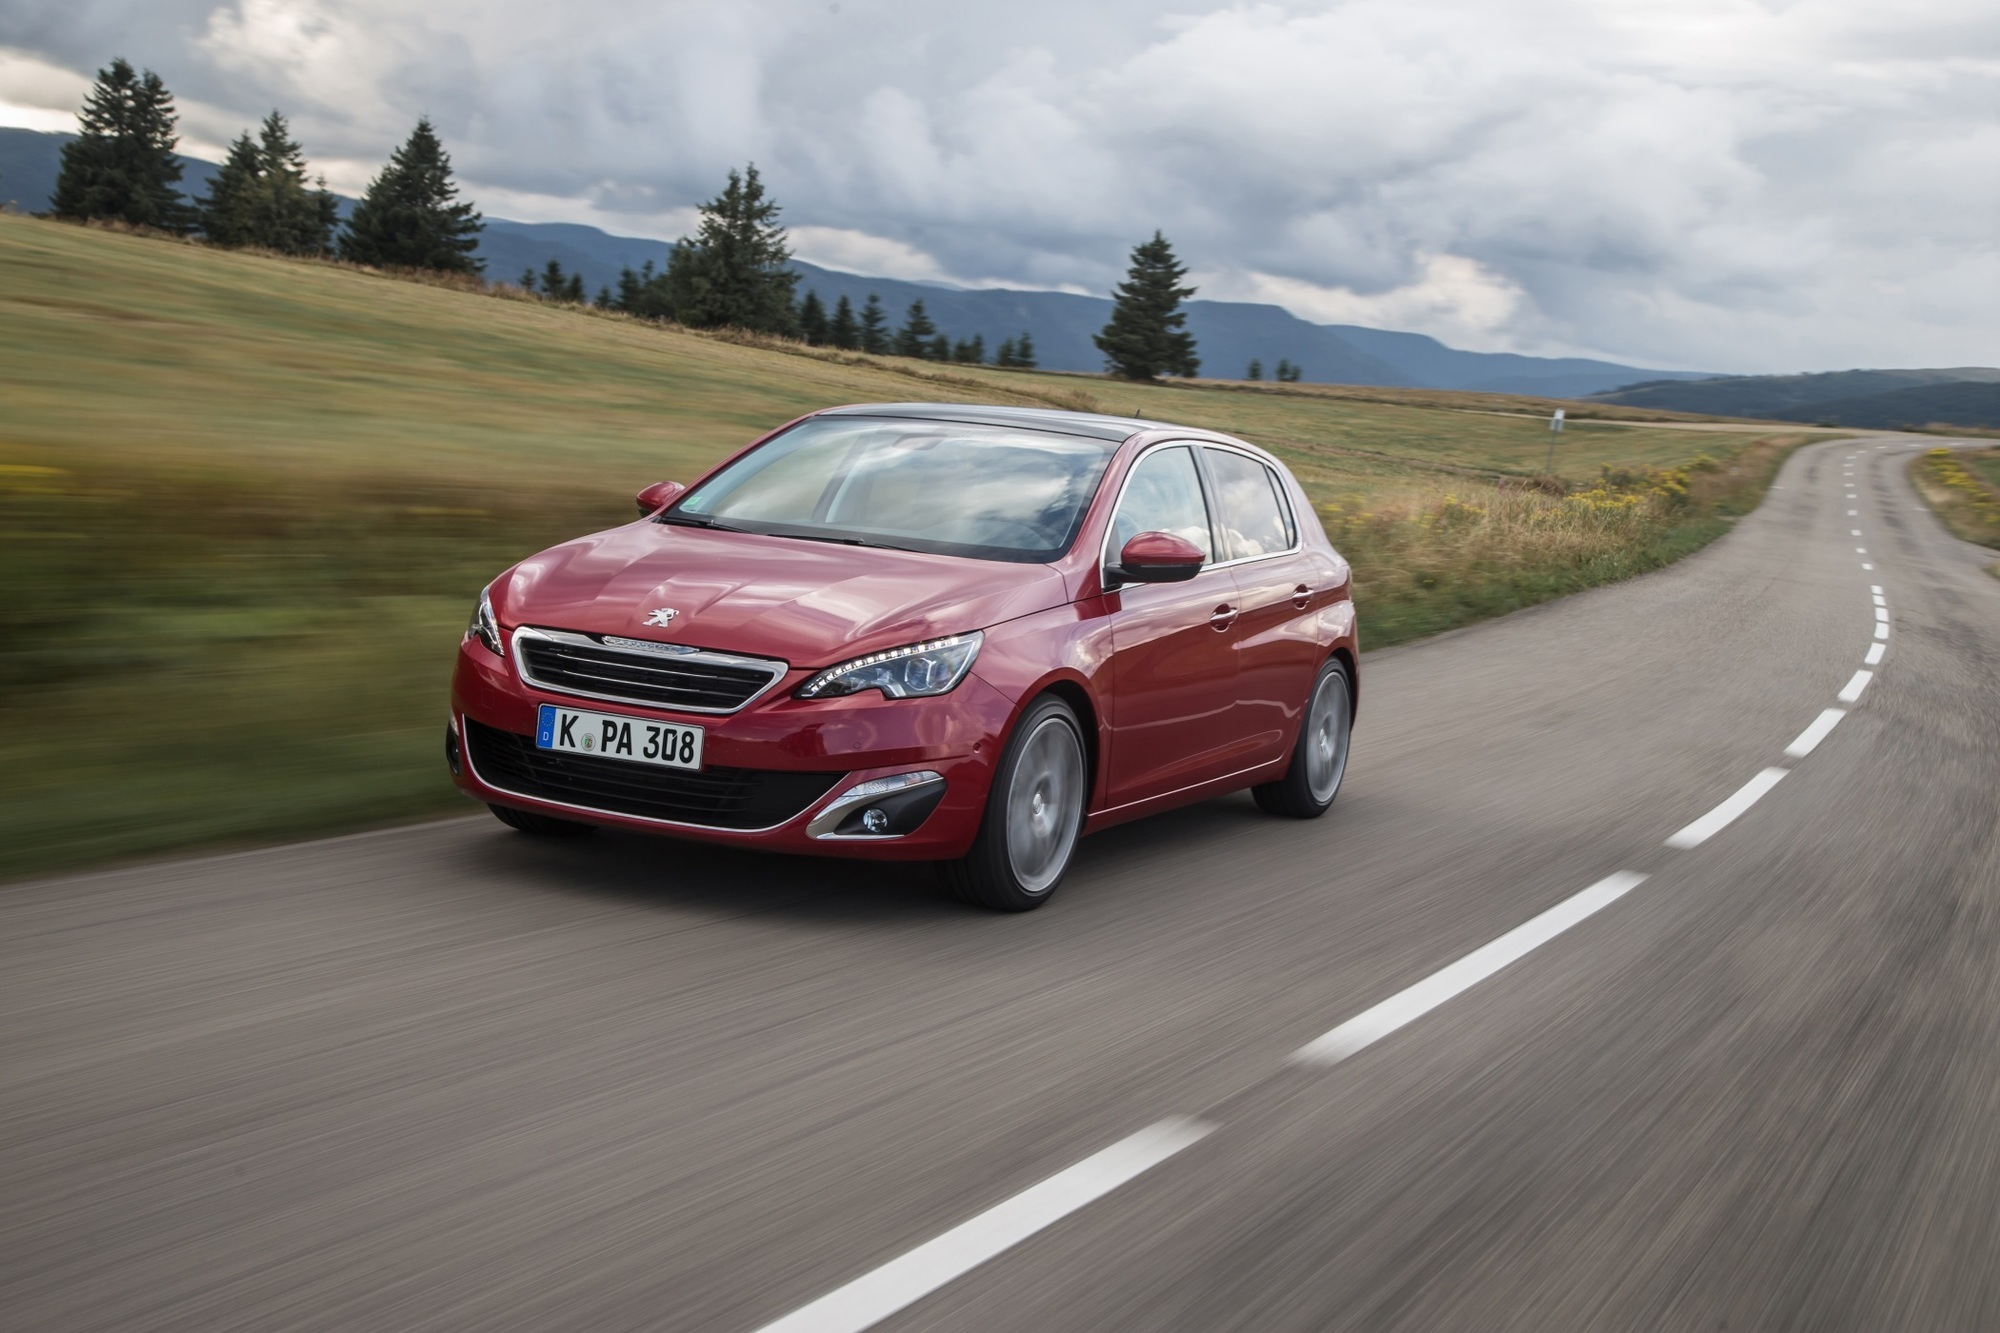 Fahrbericht: Peugeot 308 BlueHDI120 - Von allem ein bisschen